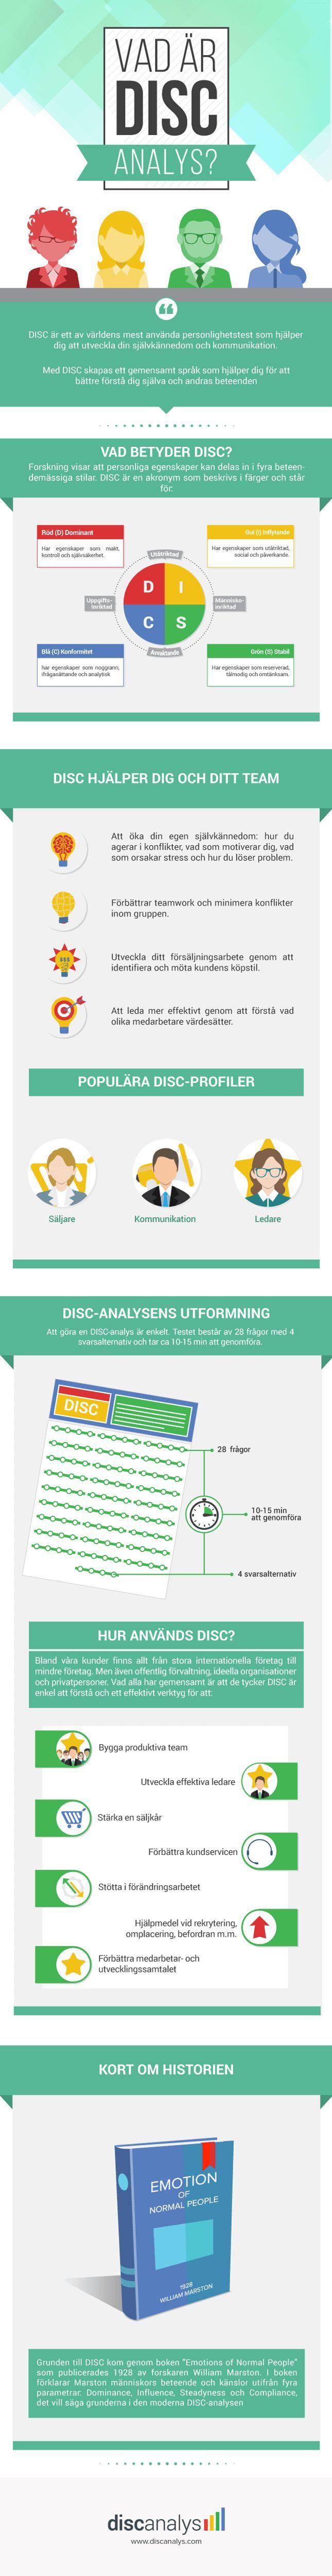 DISC analys, personlighetstest färger på svenska, infographic, DISC-profil Röd, Grön, Gul eller Blå